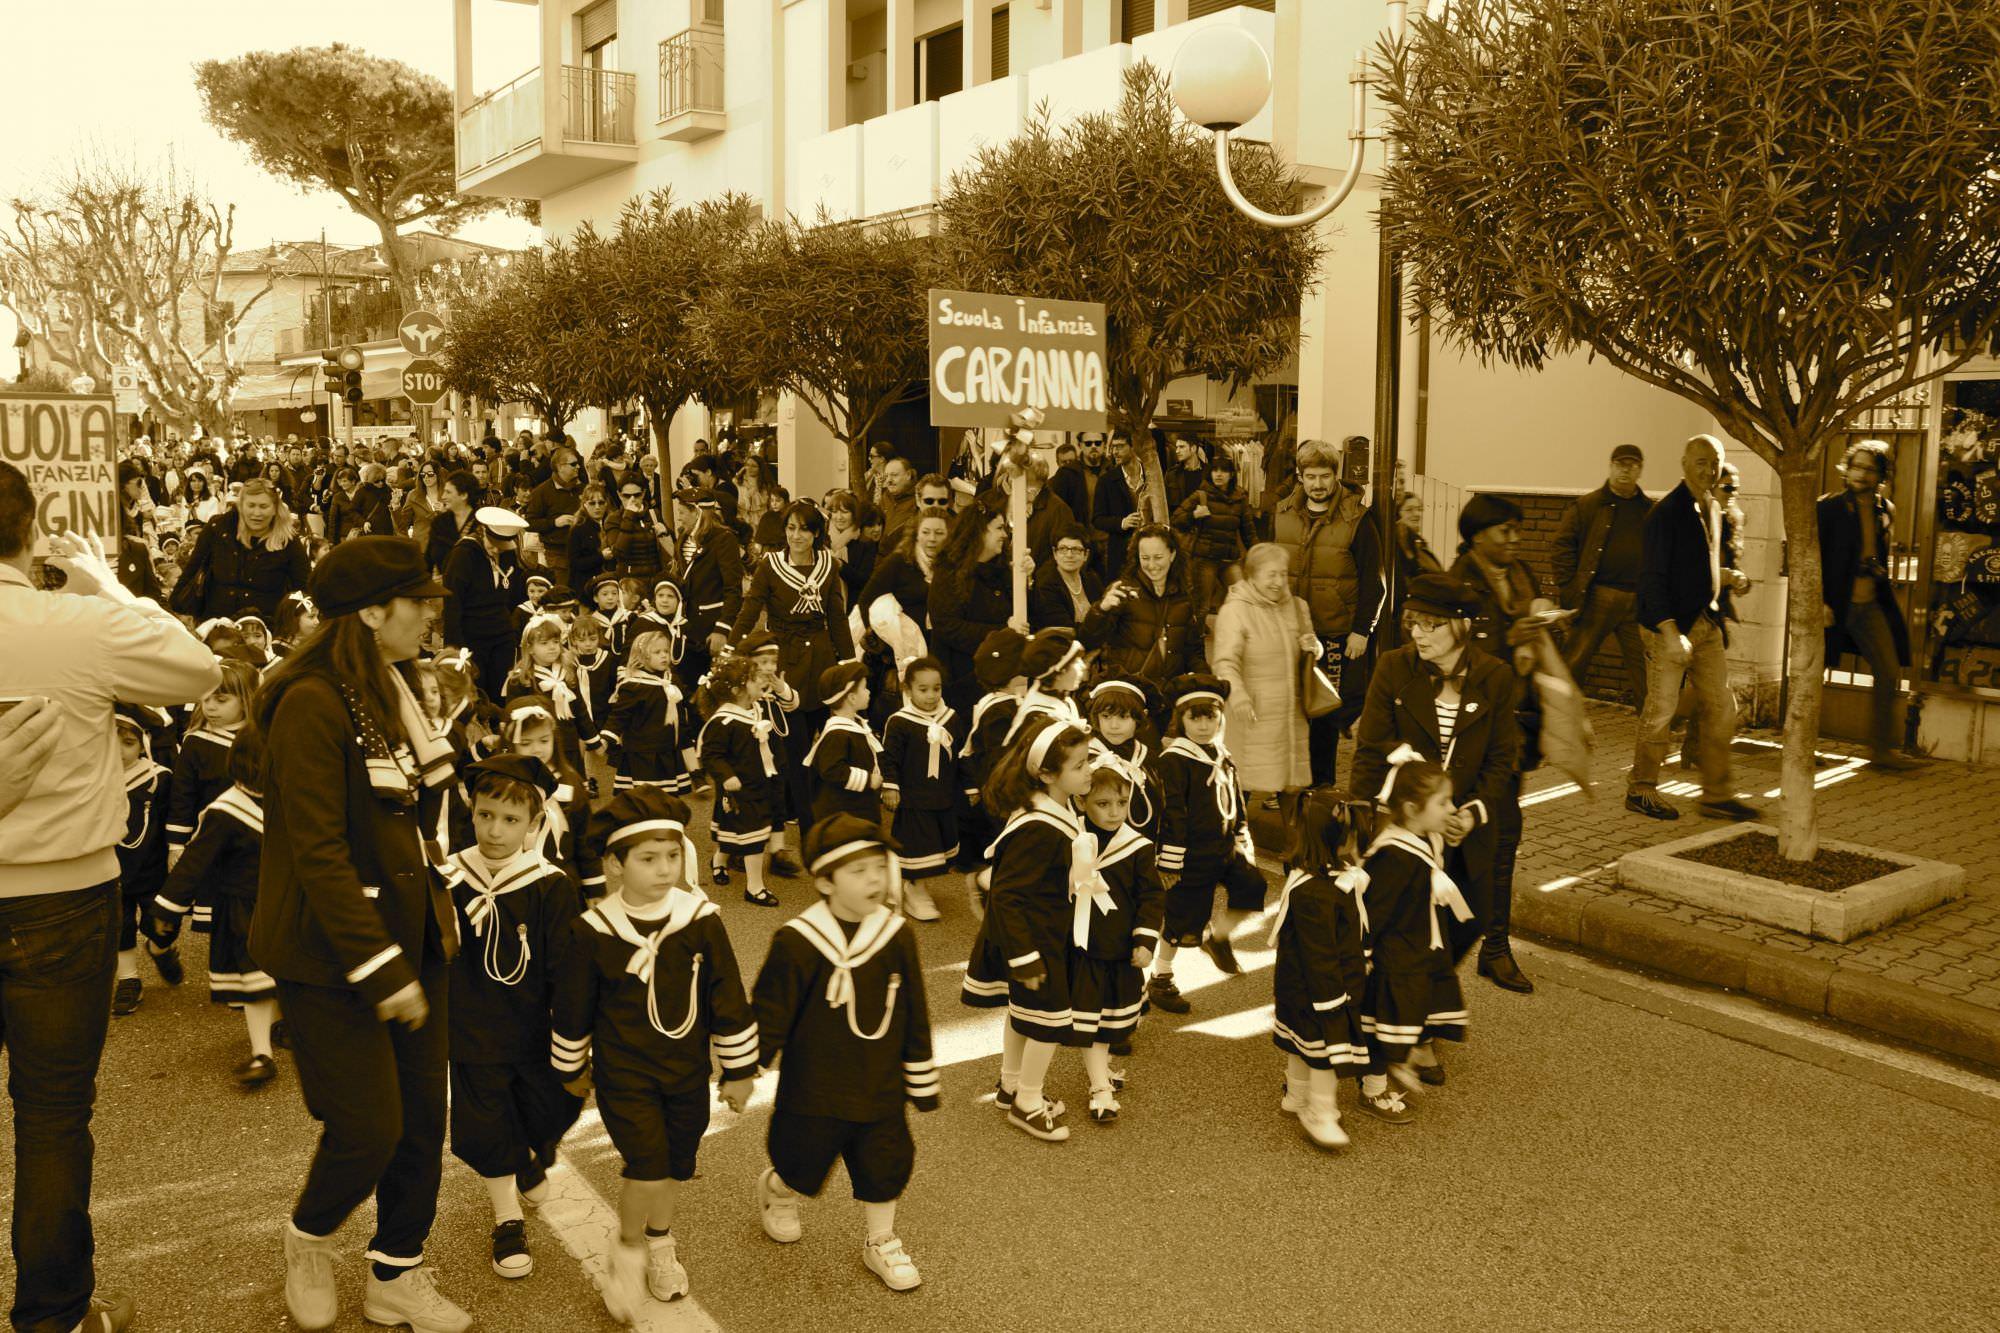 Rinviato il Carneval Fortebambino per maltempo